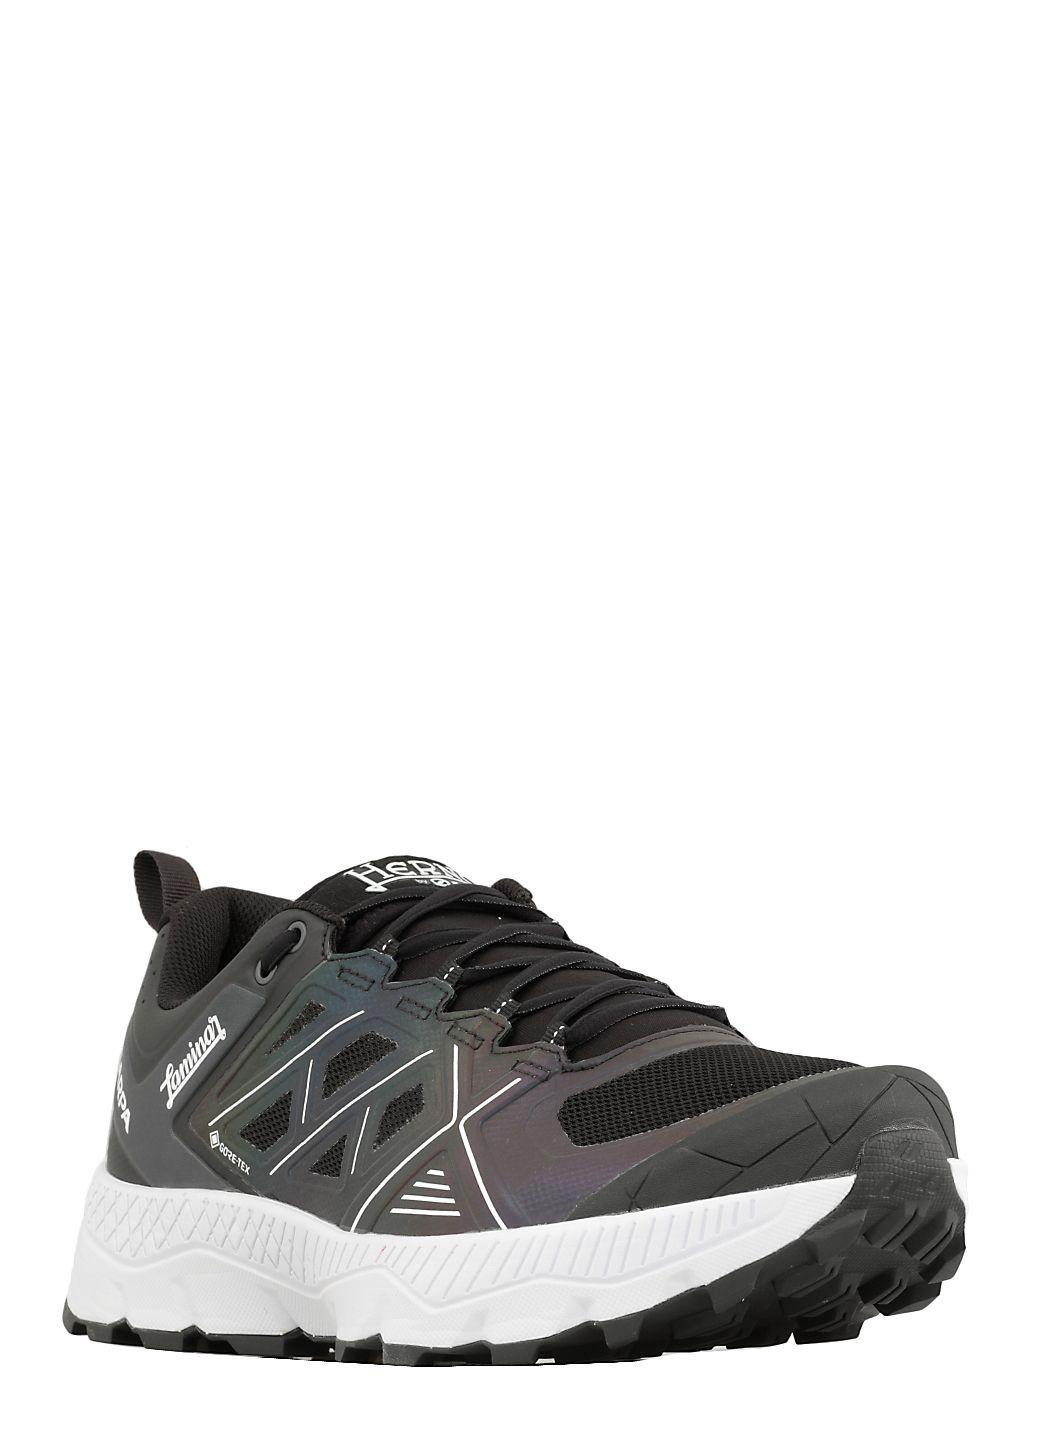 Spin Ultra 2 Laminar Assoluto Gtx sneaker